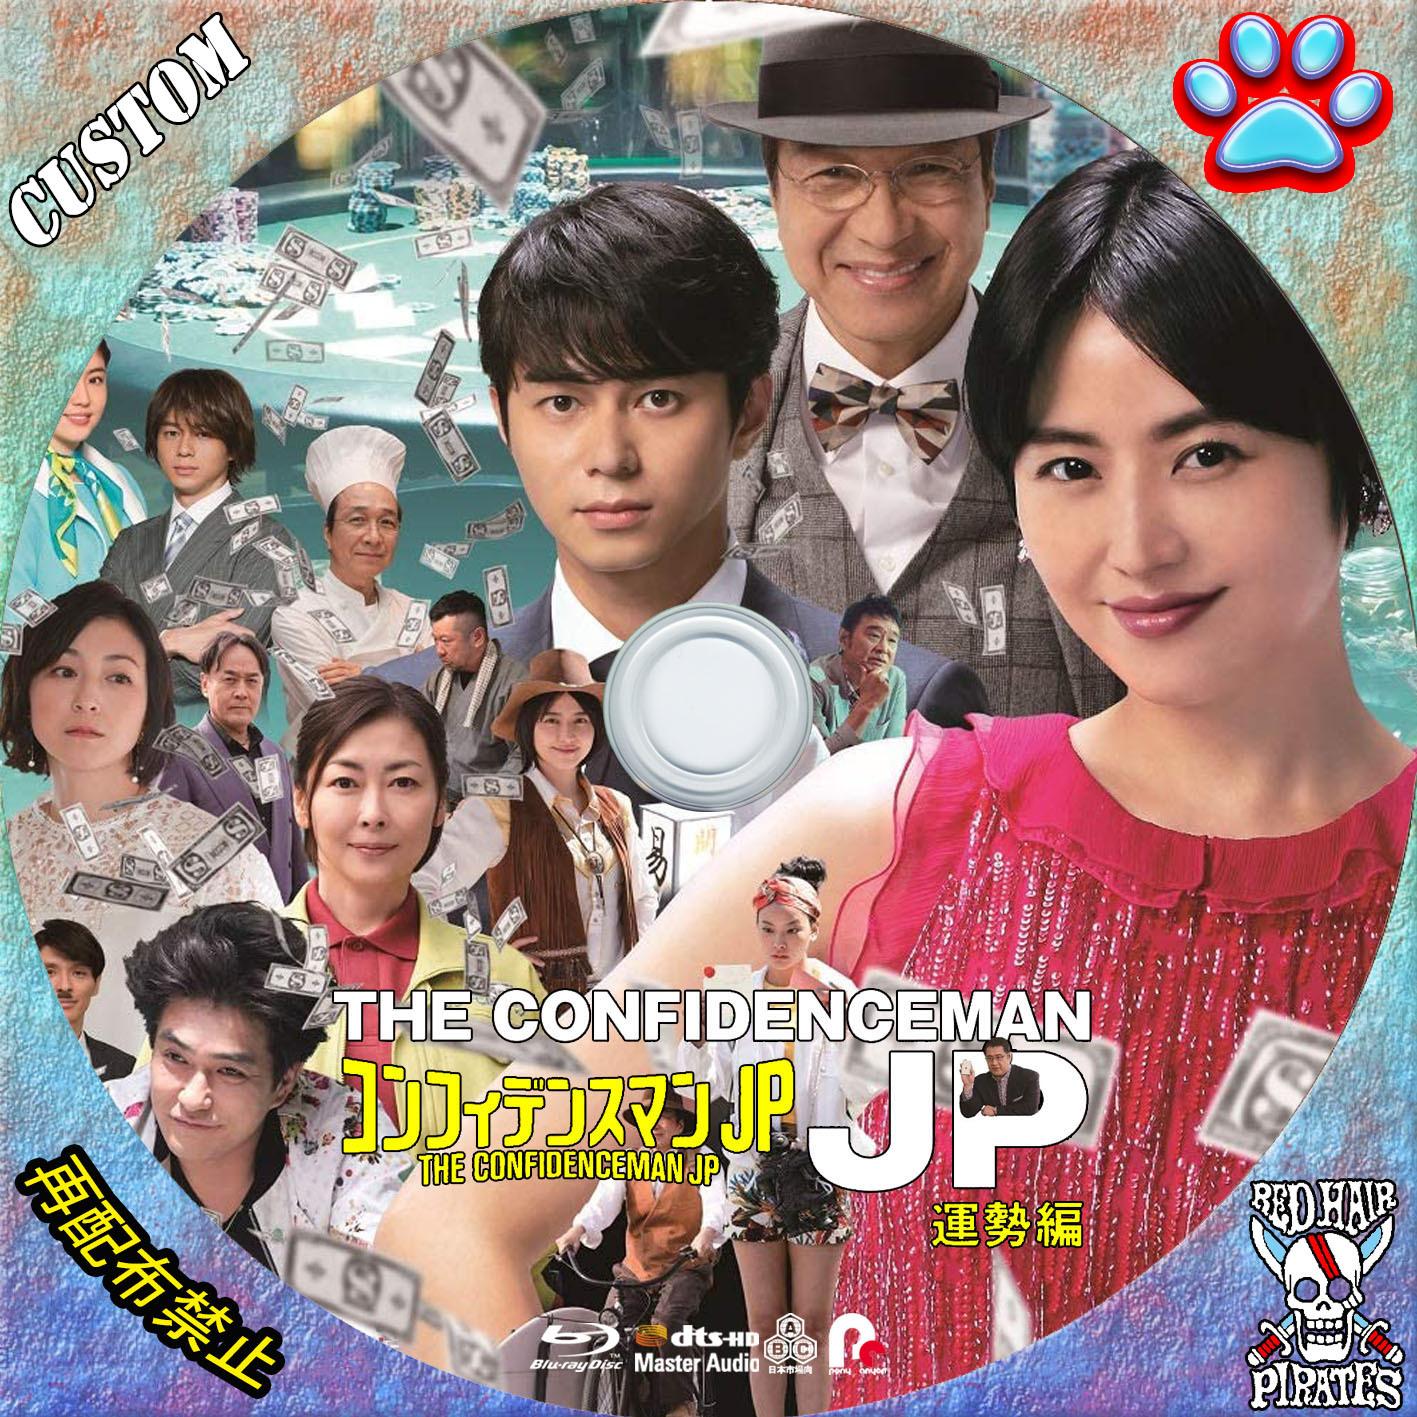 マン 映画 dvd jp コンフィデンス 映画『コンフィデンスマンJP プリンセス編』Blu